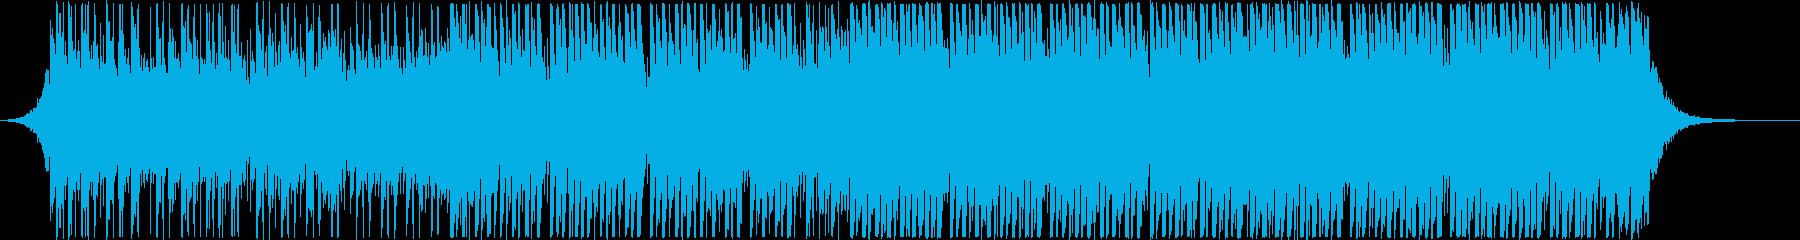 アップリフティングハウス(中)の再生済みの波形